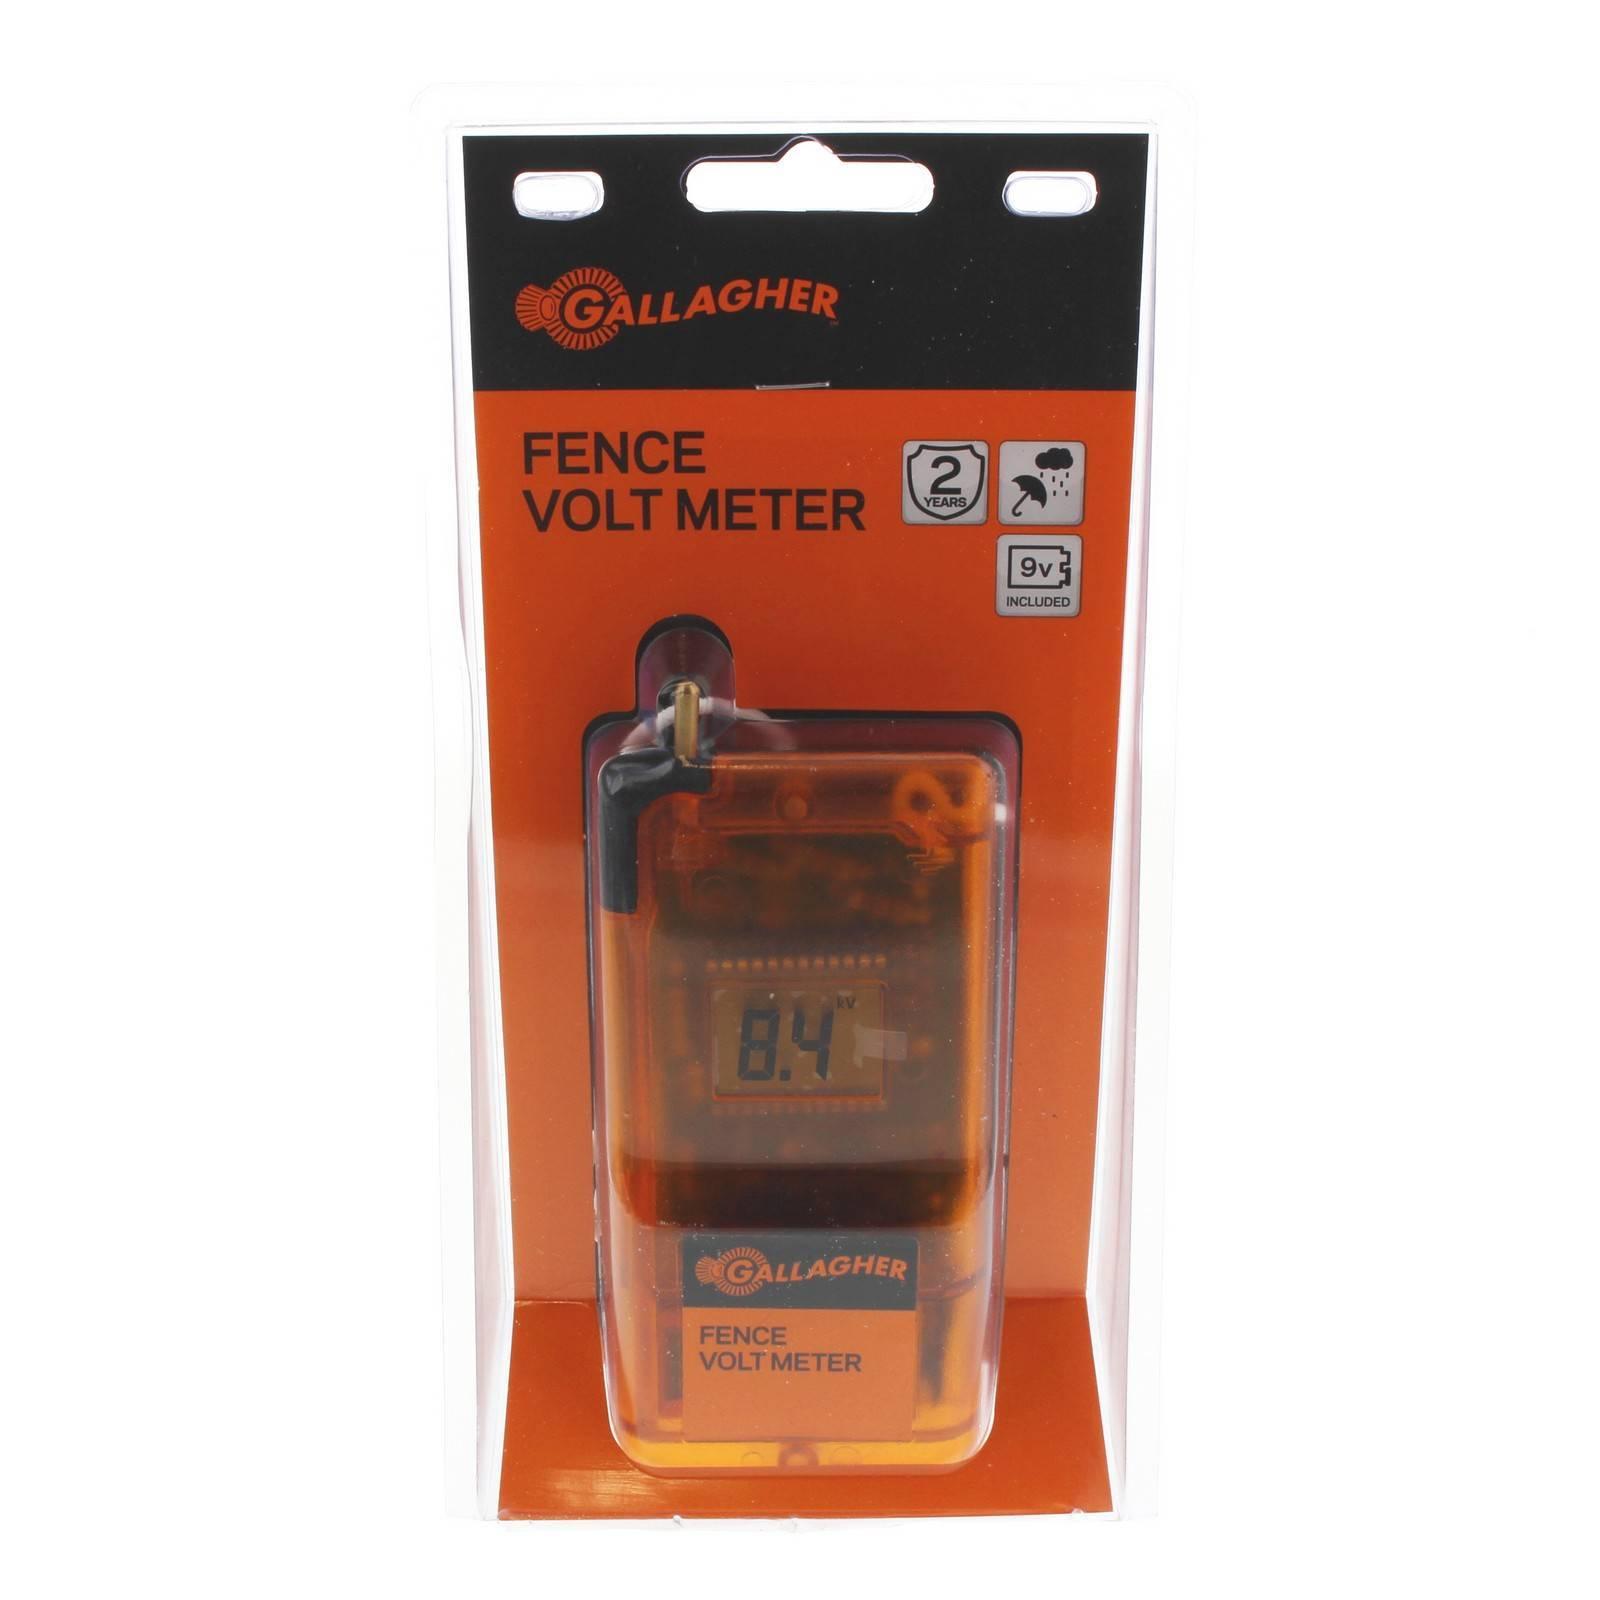 Gallagher G50331 Dvm3 Digital Volt Meter Electric Fencing